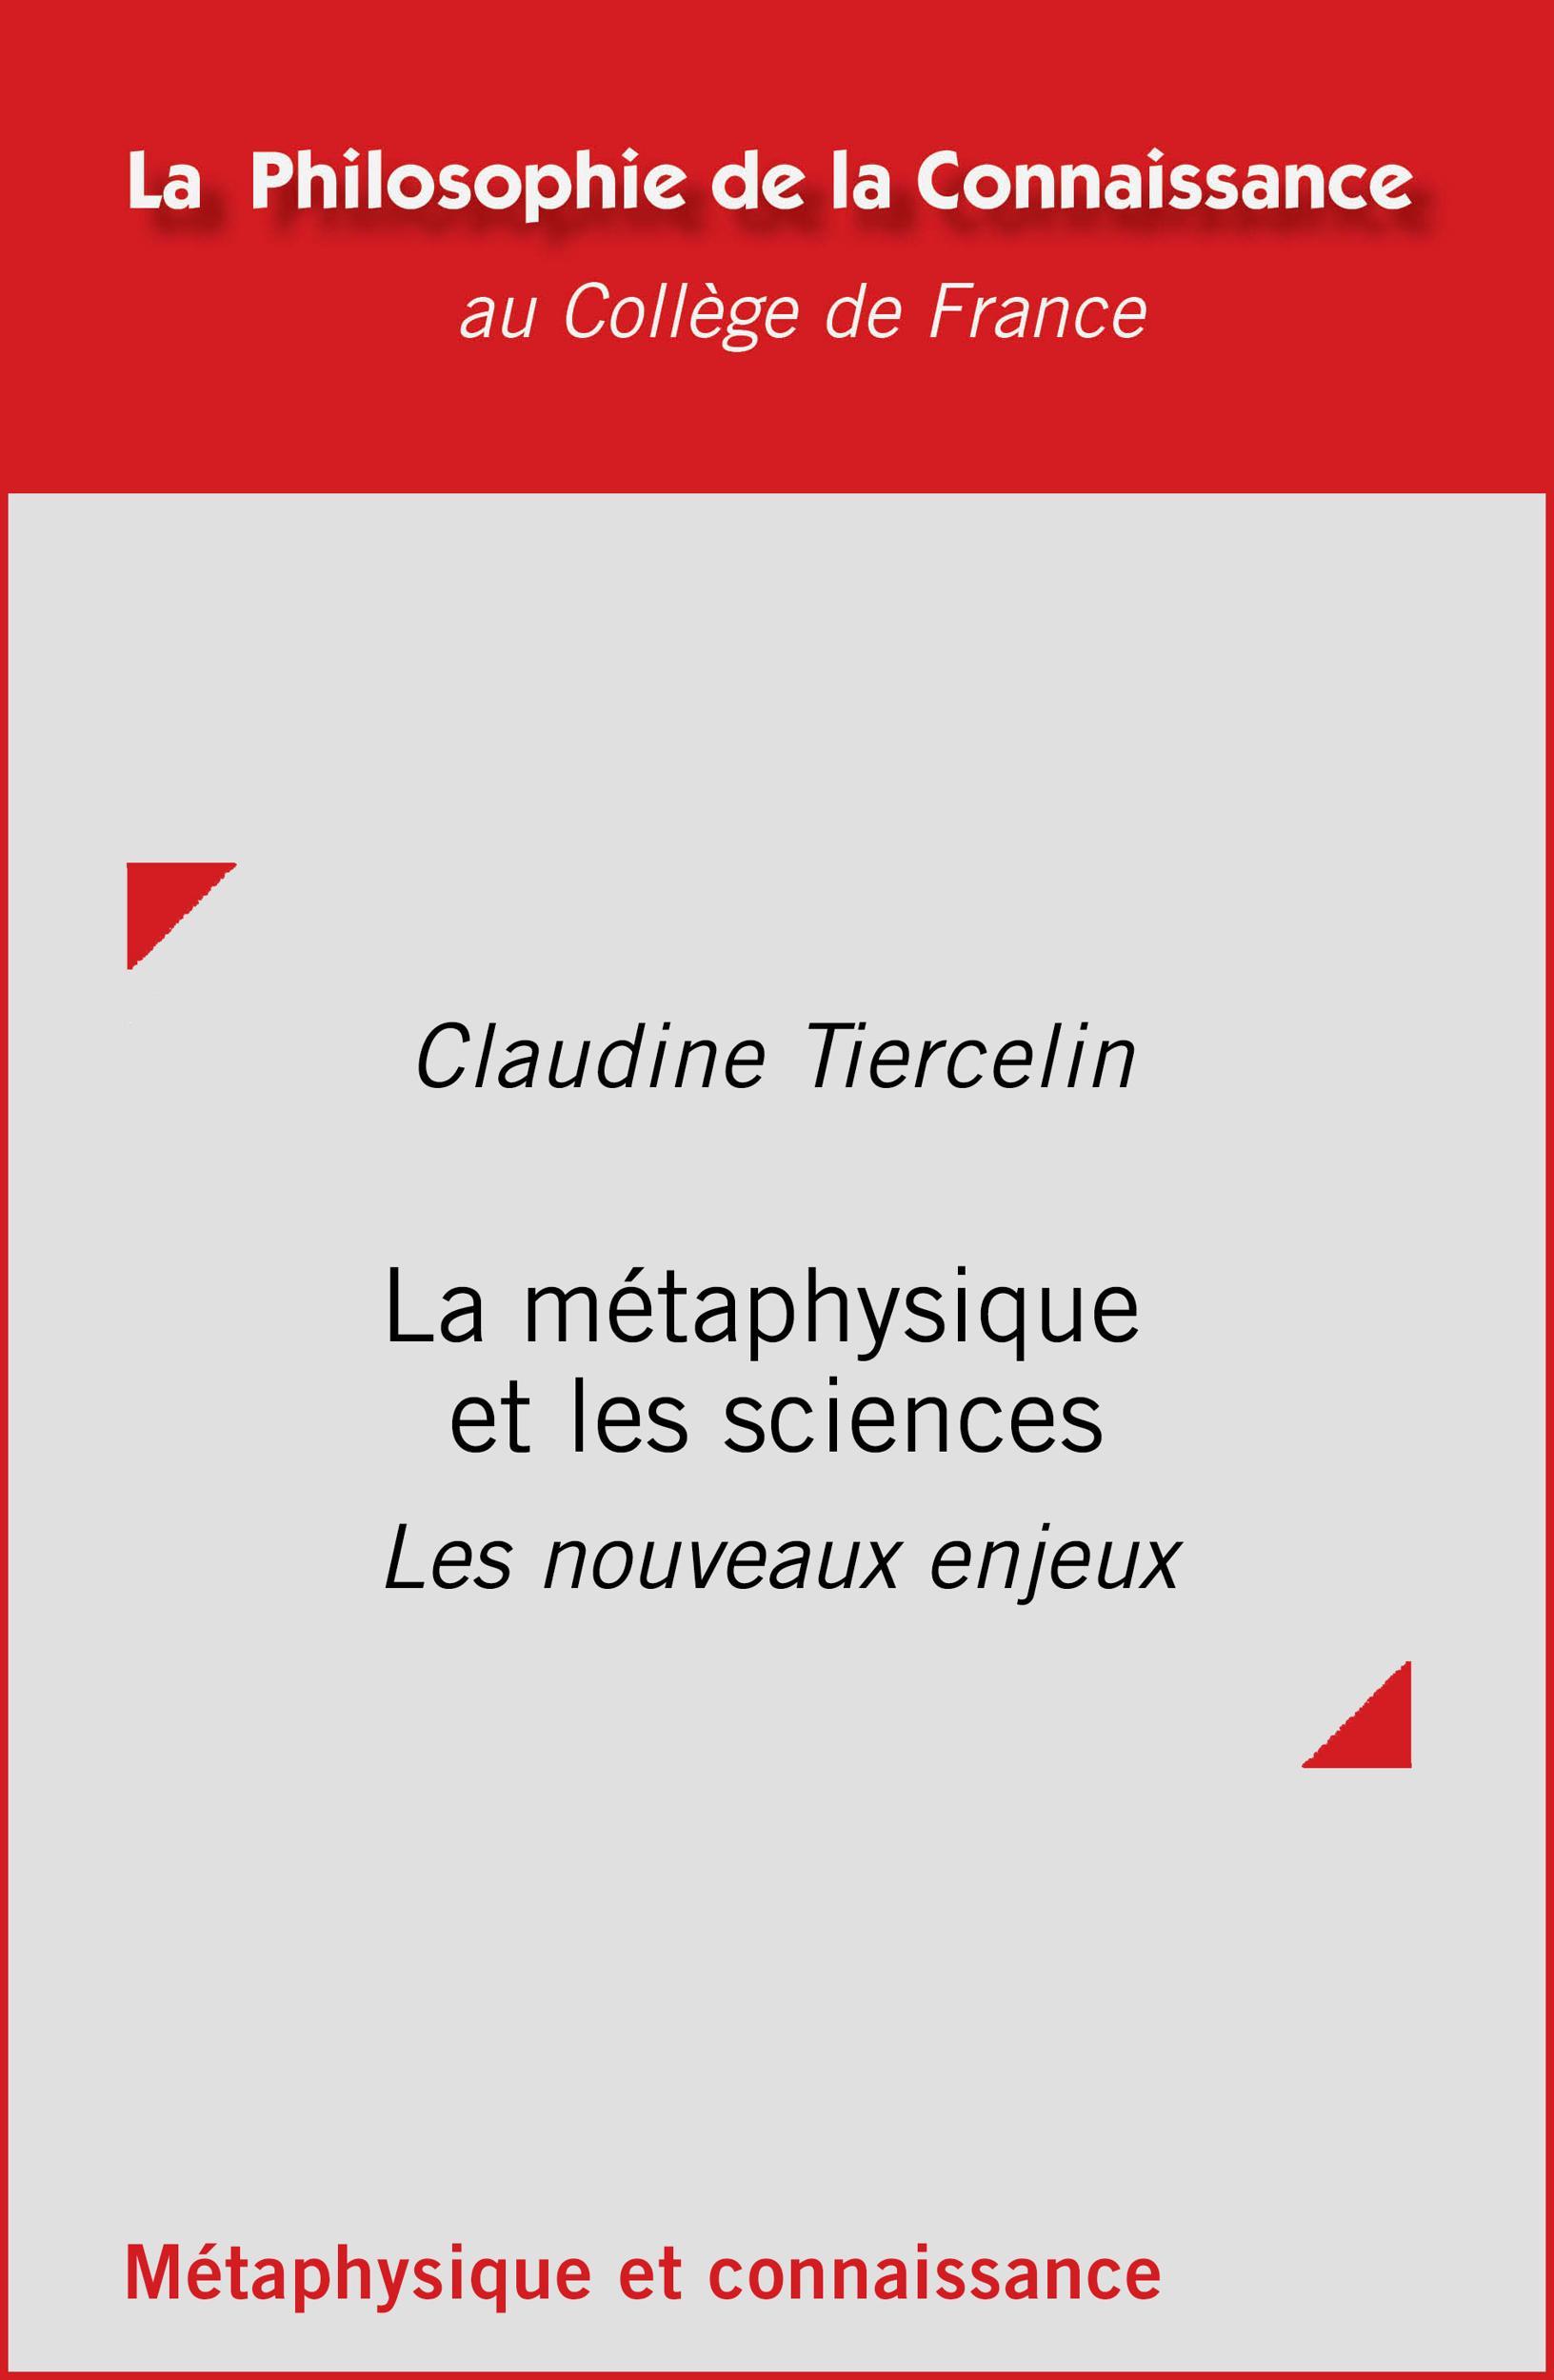 La métaphysique et les sciences, LES NOUVEAUX ENJEUX